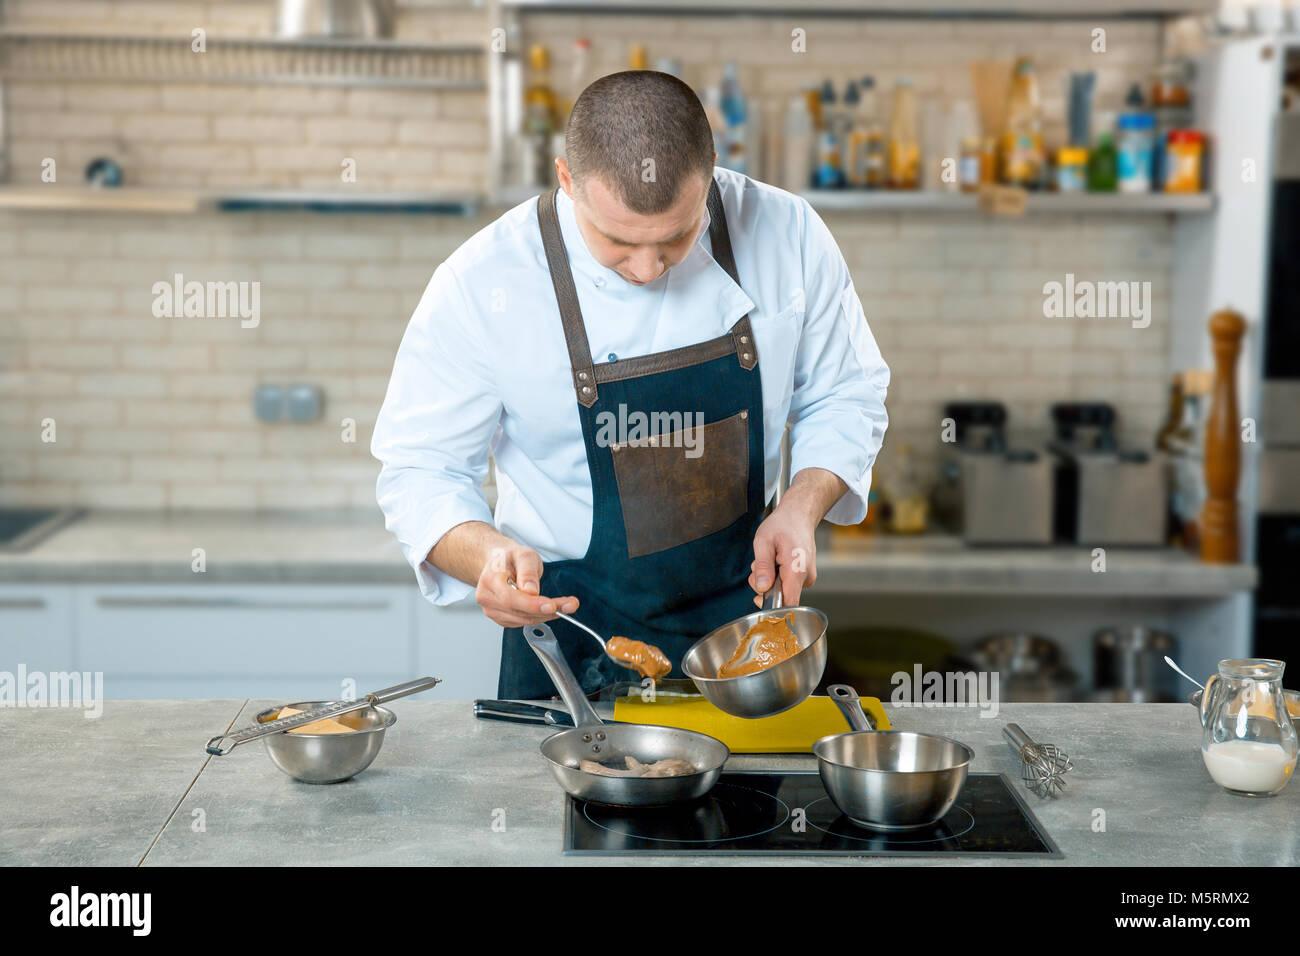 Chef cuisinier verse de la sauce dans une poêle. Restauration rapide le midi et le bar restaurant. Cuisine Photo Stock